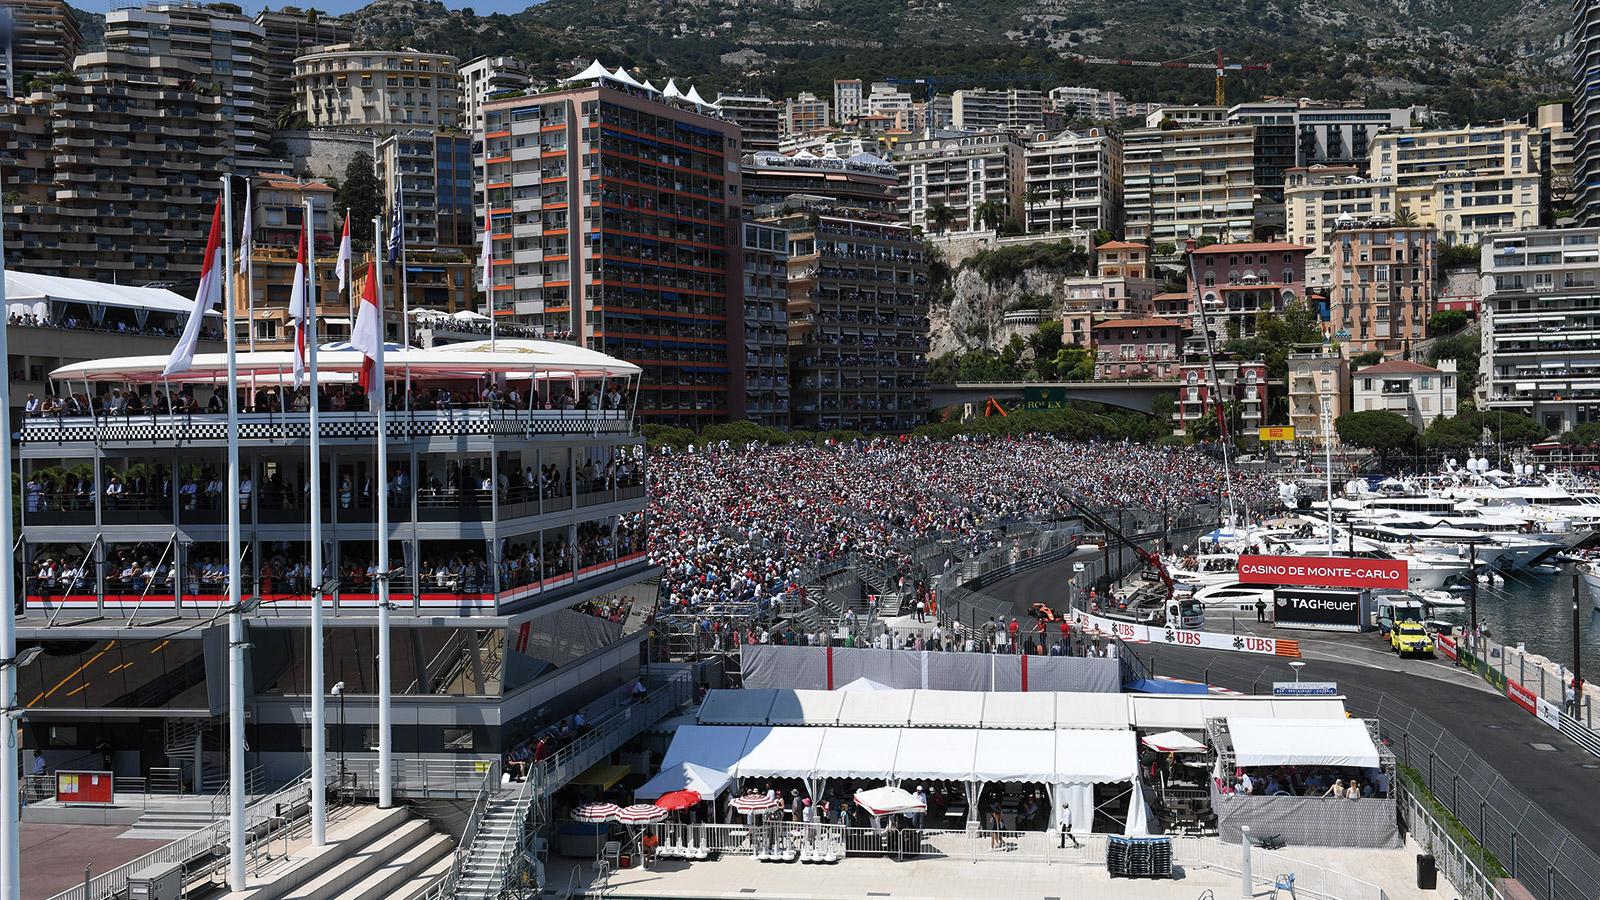 C'est confirmé, le Grand Prix de Monaco est reporté